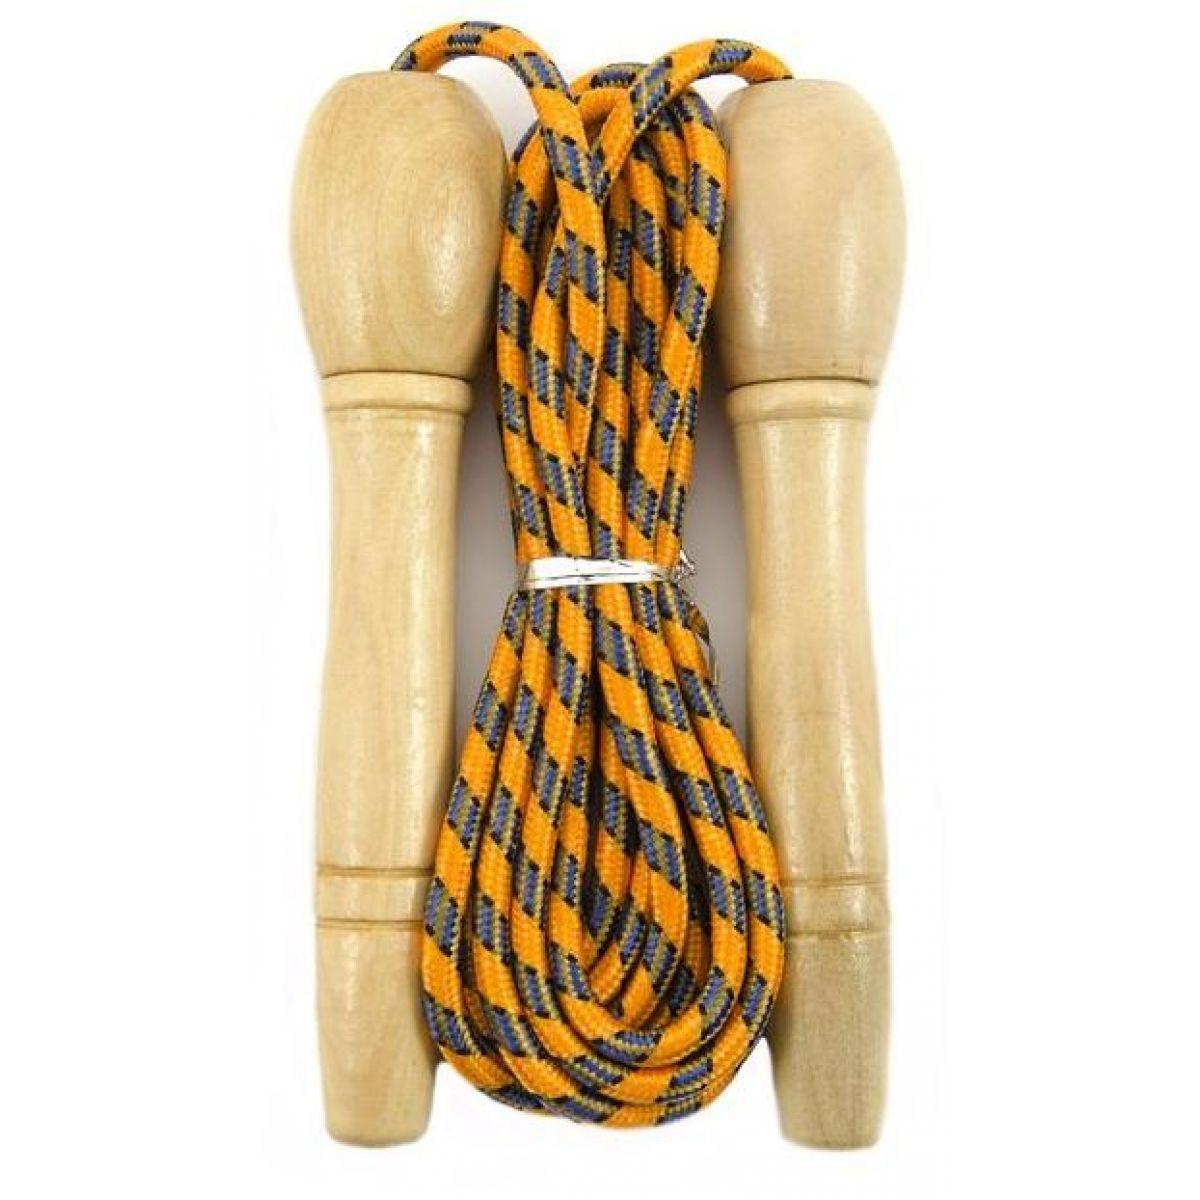 Švihadlo 270 cm s drevenou rukoväťou nastaviteľné oranžové